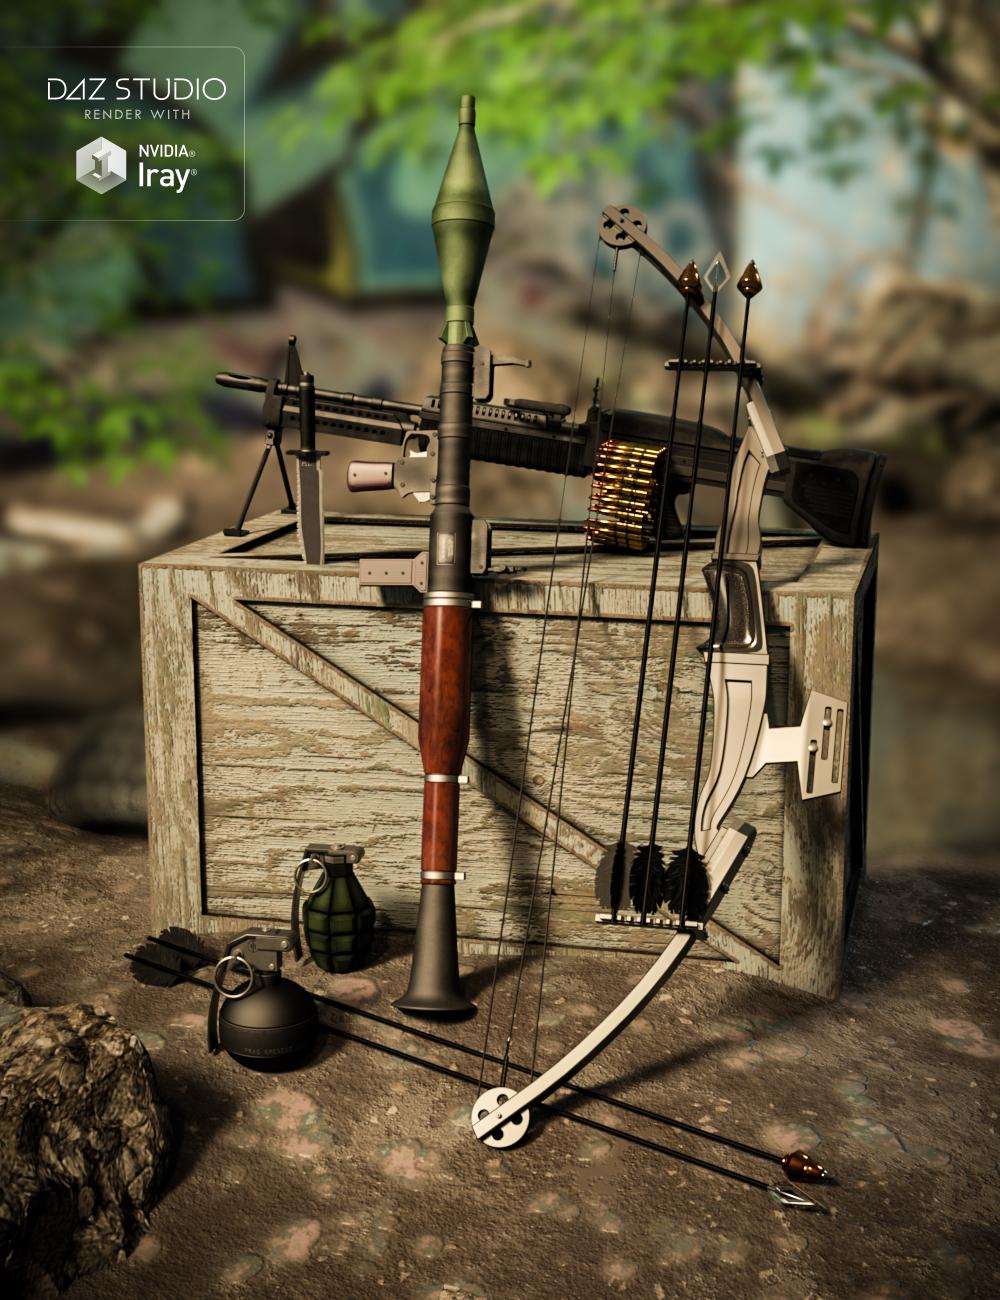 Mercenary Soul Weapons by: Val3dart, 3D Models by Daz 3D